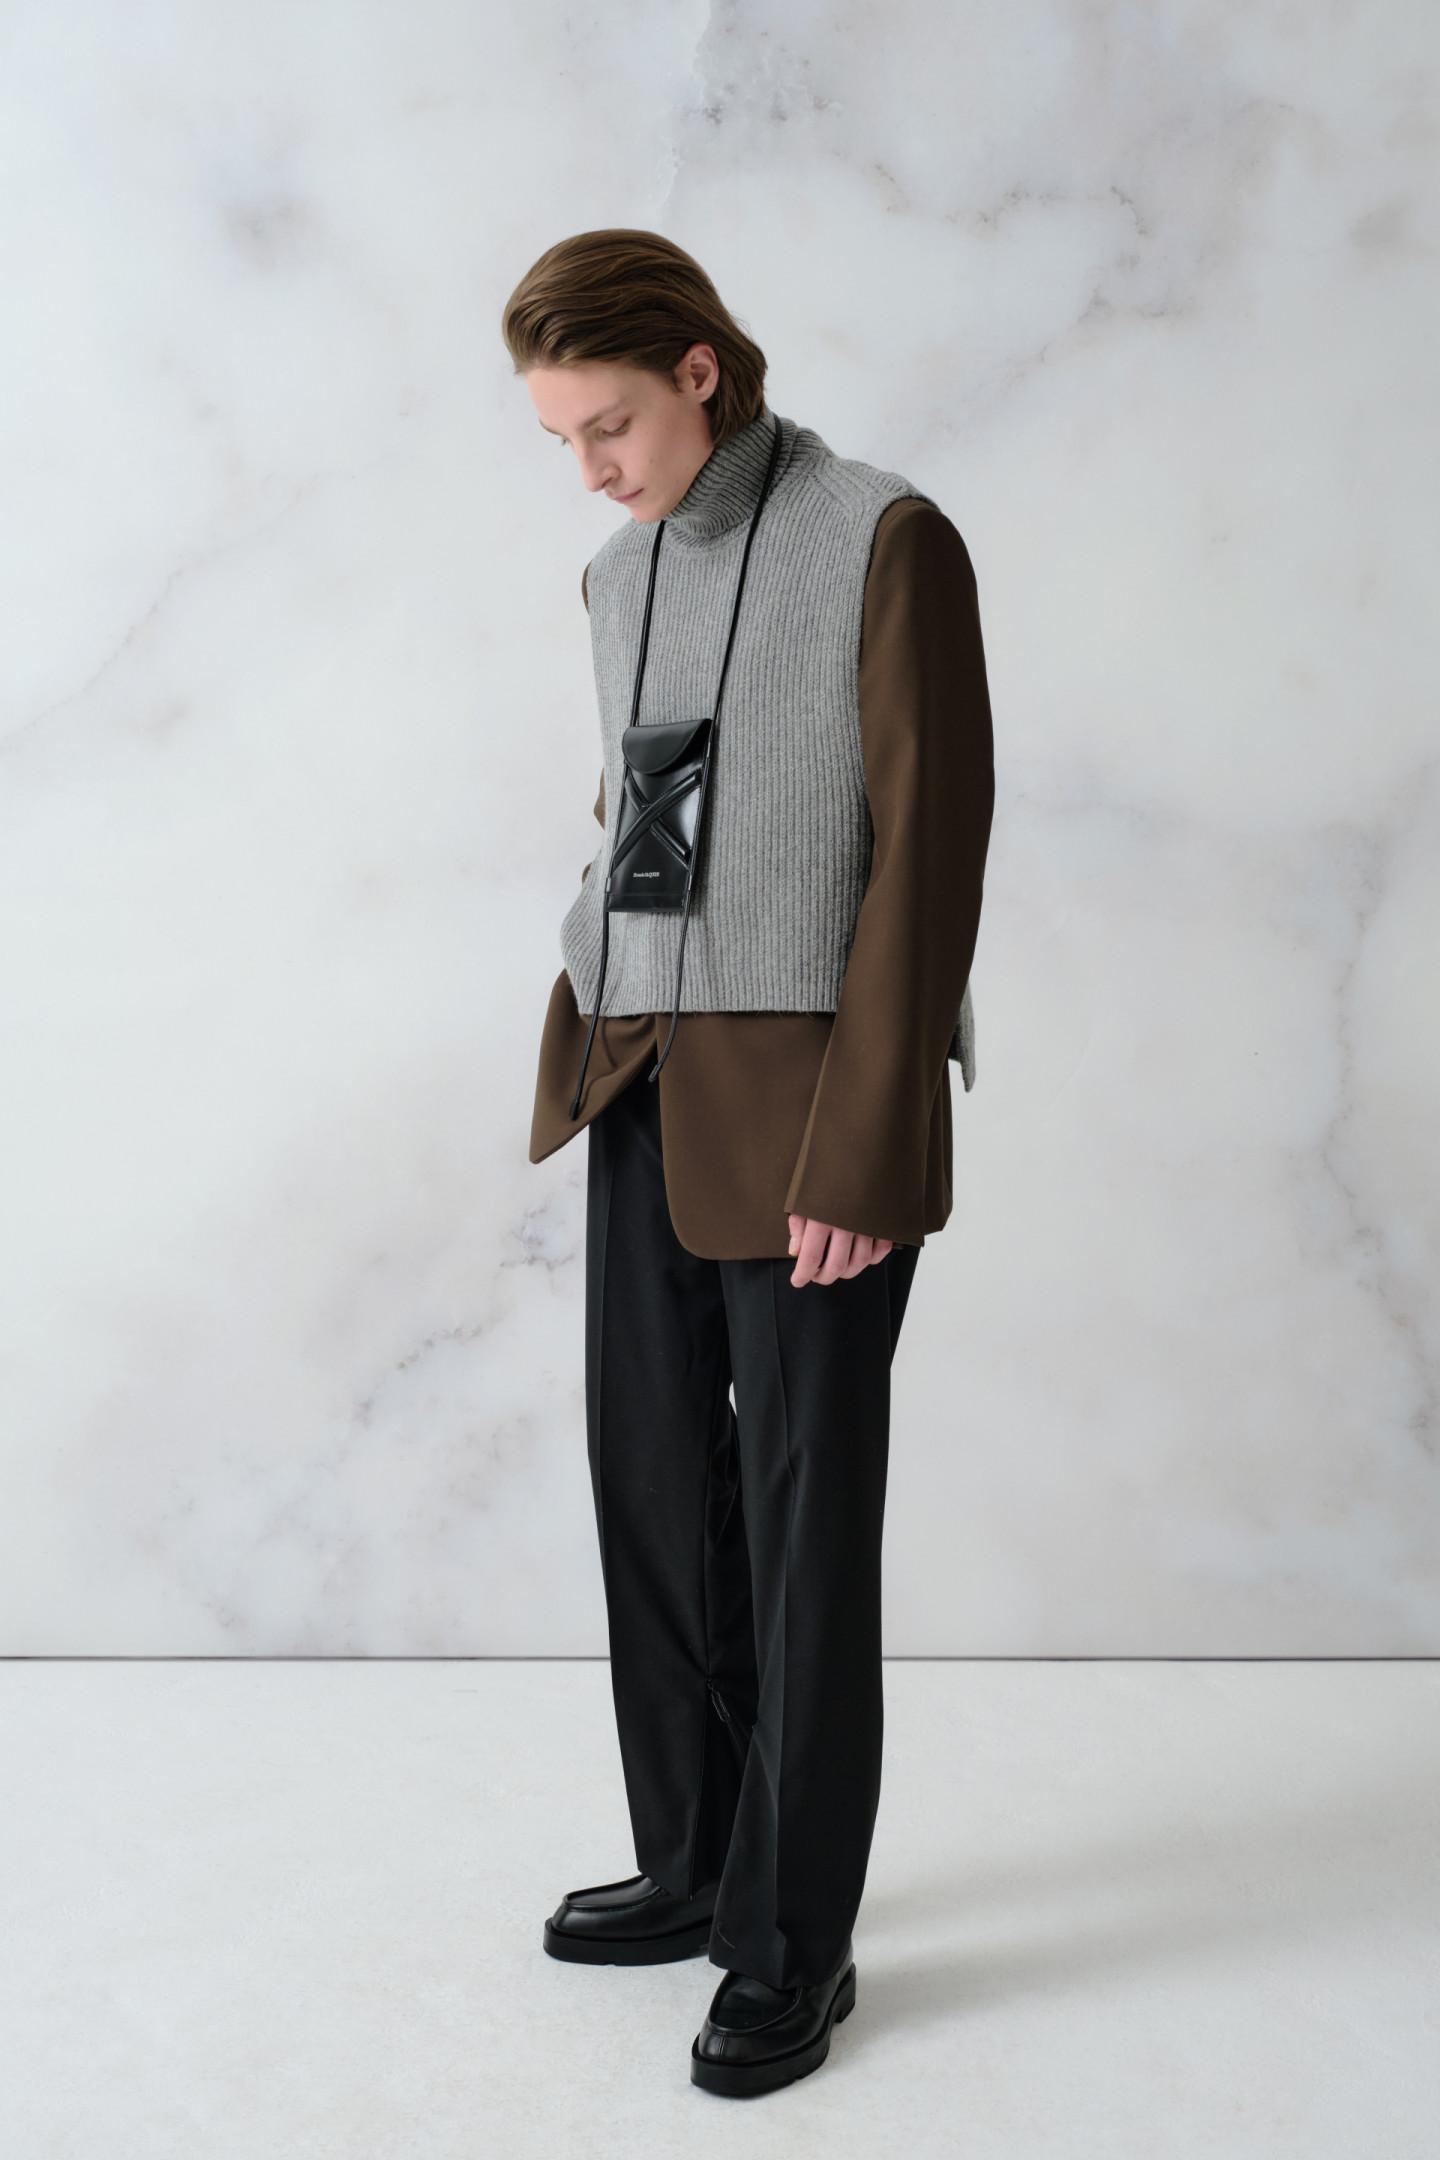 Манишка Dries Van Noten (23450 руб.), пиджак Maison Margiela (160500 руб.), брюки Off-White (89950 руб.), сумка Curve Bucket micro, Alexander McQueen (39350 руб.), ботинки Givenchy (77800 руб.)